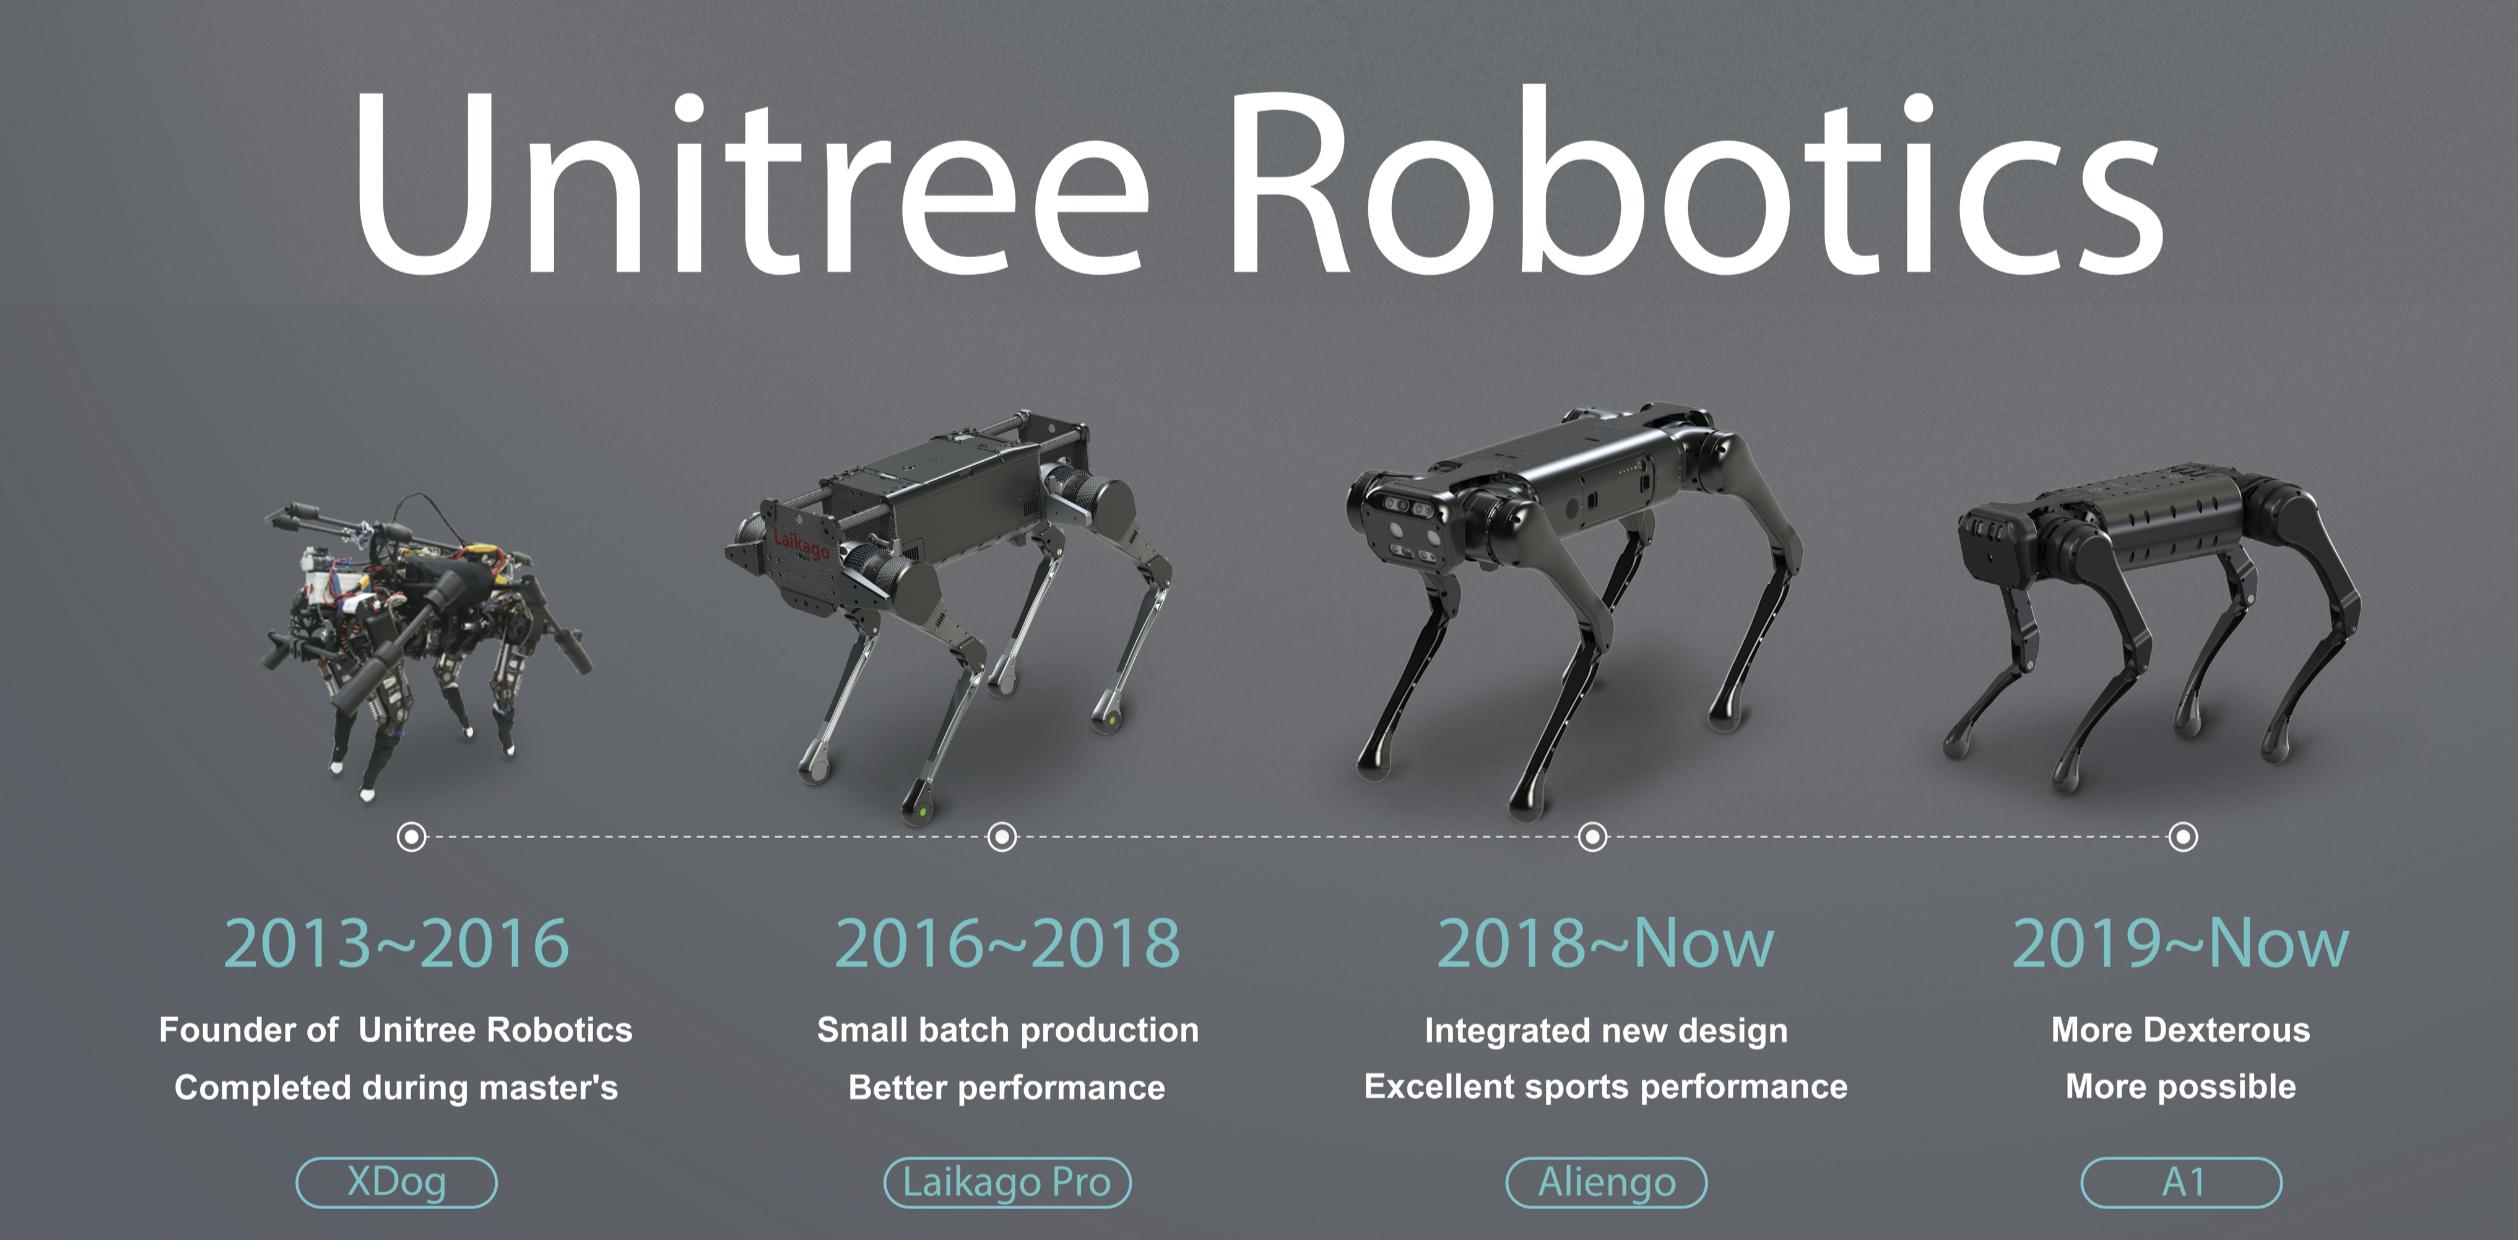 """玉树科技已经从红杉中国种子基金获得数千万美元一个新的四足机器人""""Unitree A1""""刚刚在CES发布"""